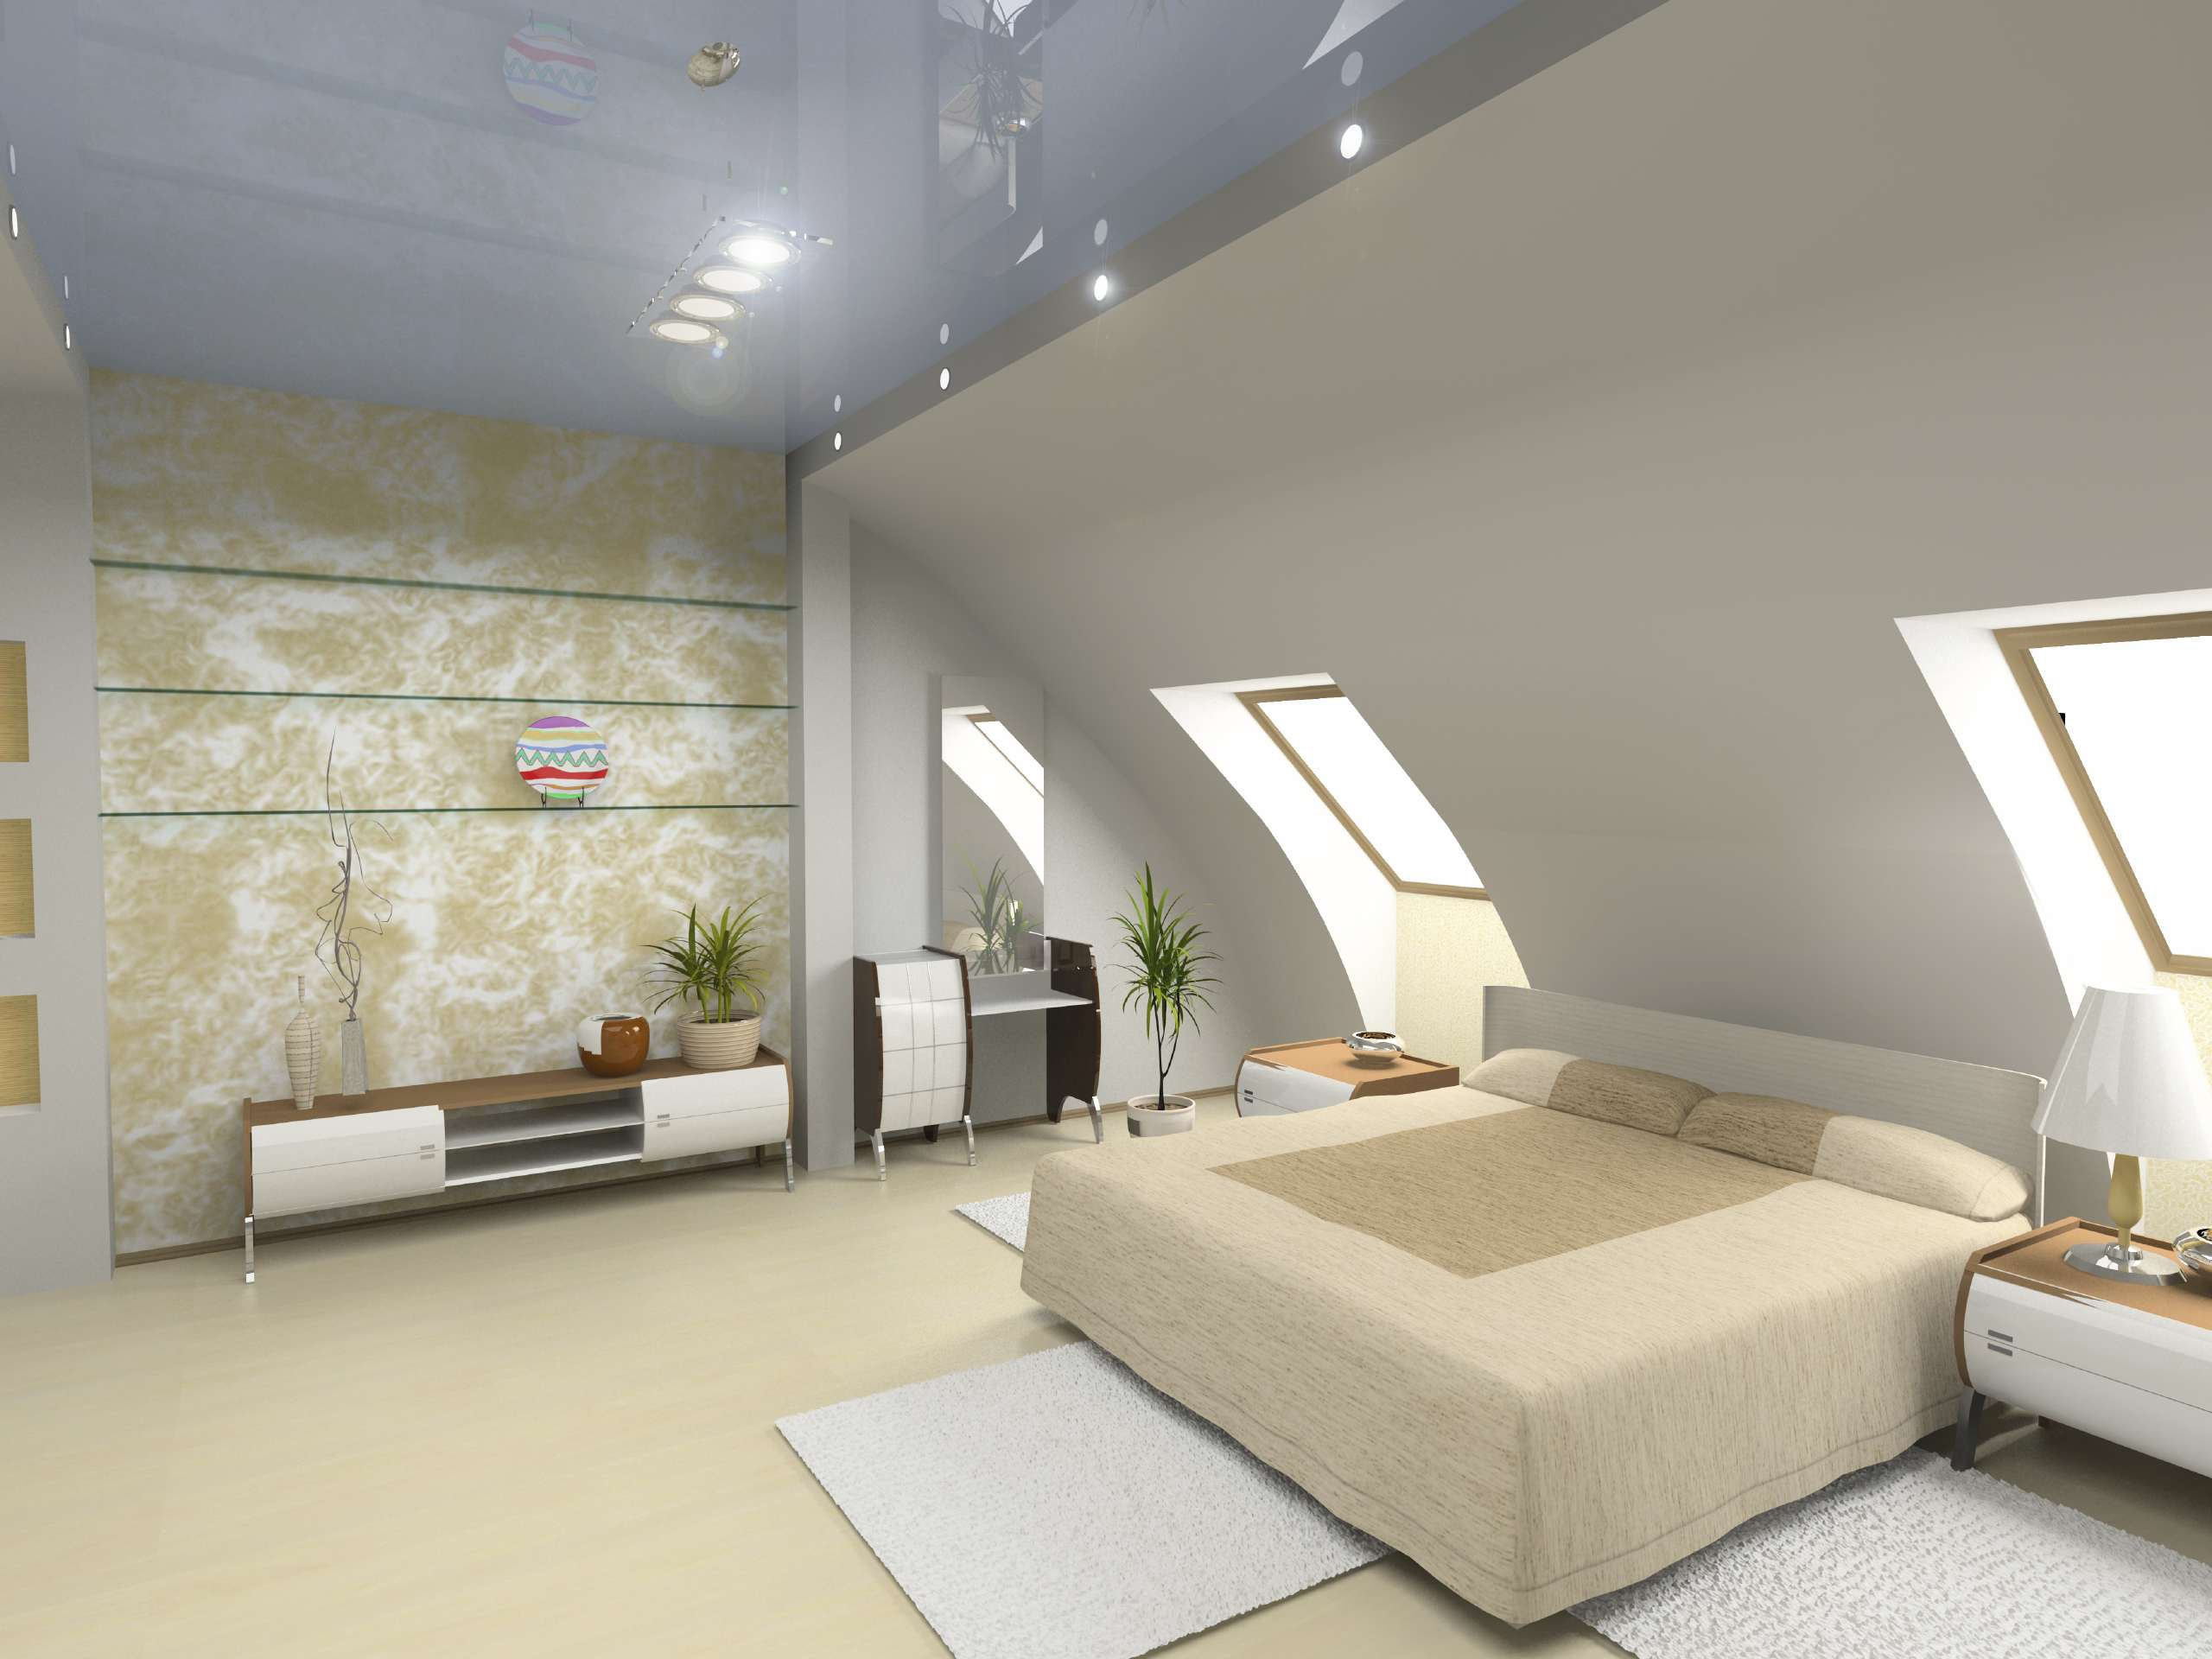 Bett in einem Schlafzimmer mit Dachschräge platzieren